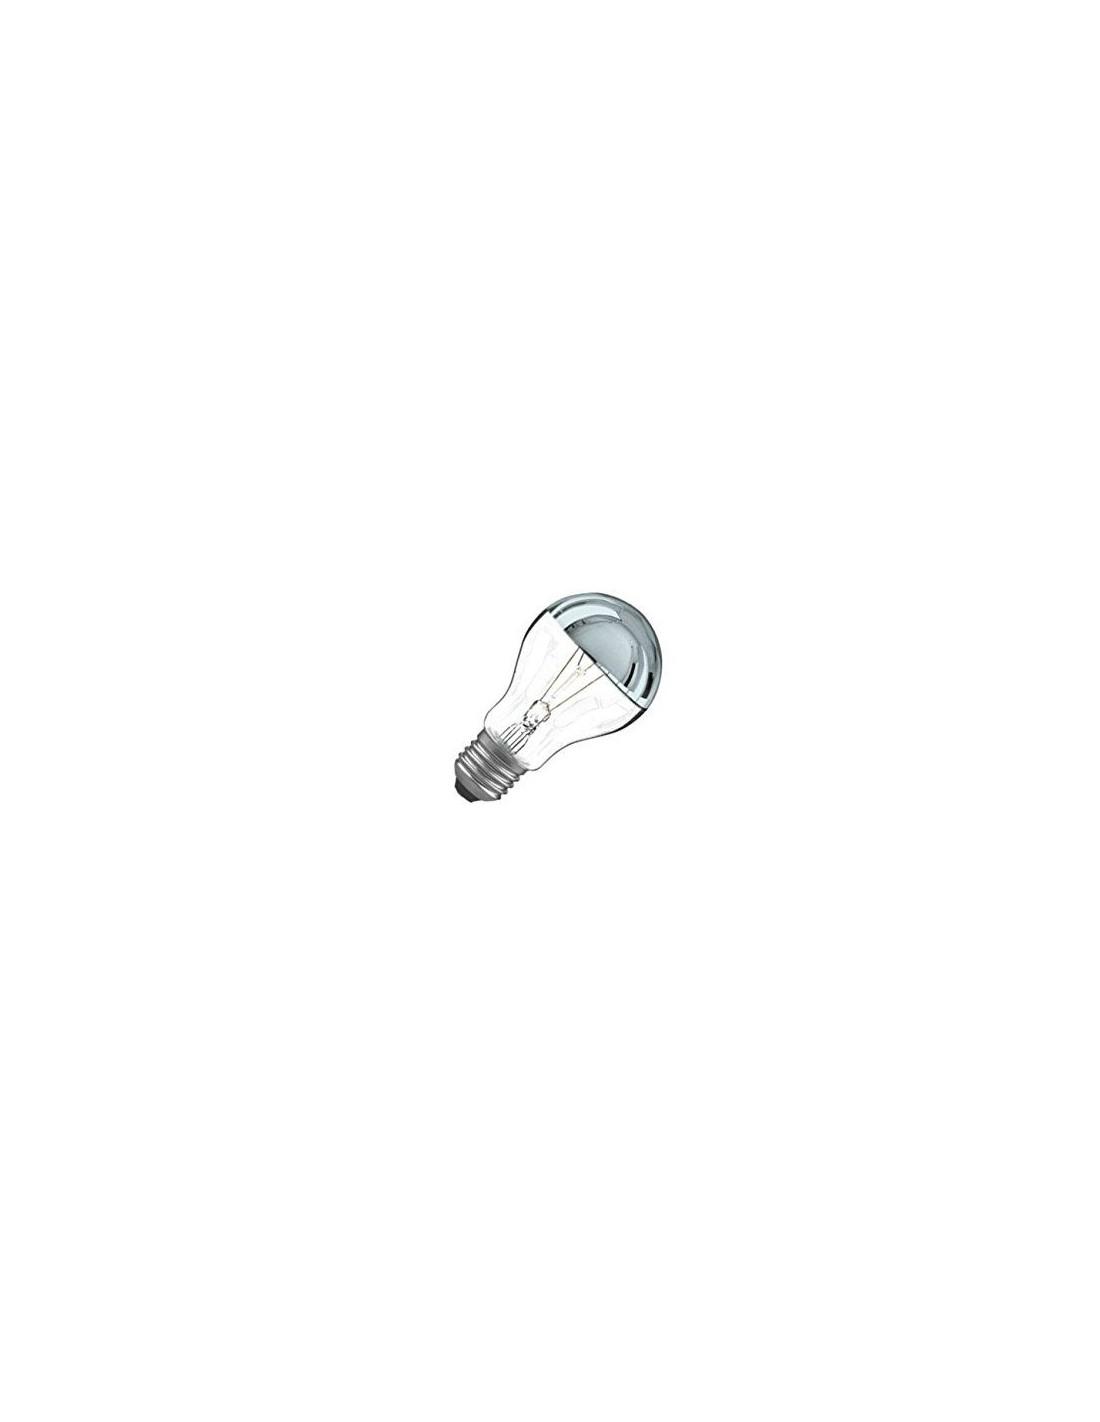 Ampoule E27 100W Calotte Argentée Incandescente